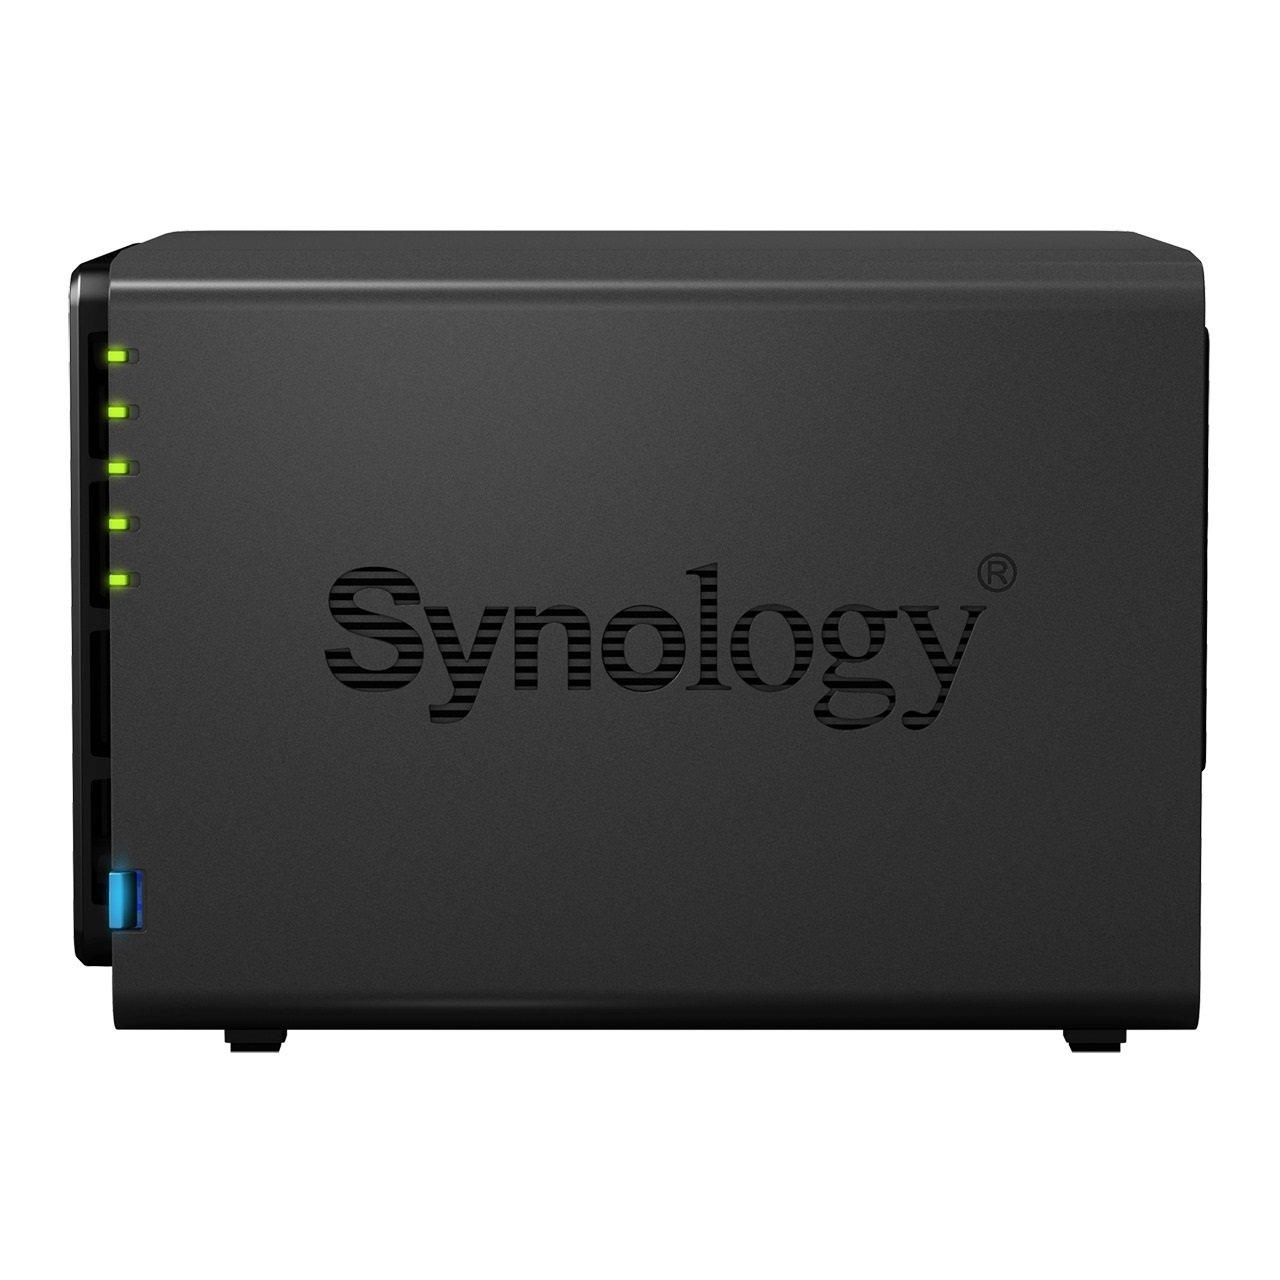 Synology DiskStation DS916+ NAS Escritorio Ethernet Negro - Unidad Raid (12 TB, SSD, Unidad de Disco Duro, SSD, Serial ATA II, Serial ATA III, 3000 GB, ...